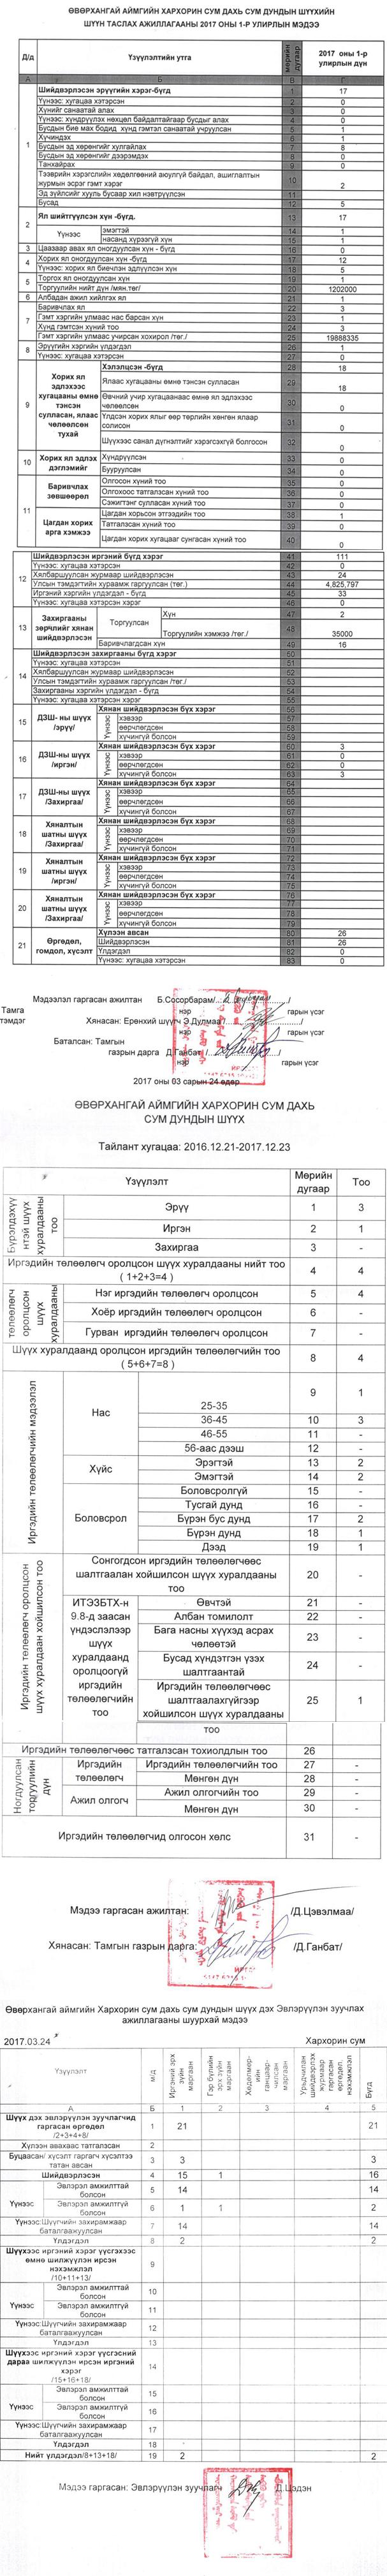 http://kharkhorincourt.gov.mn/file2017/1-00001.jpg